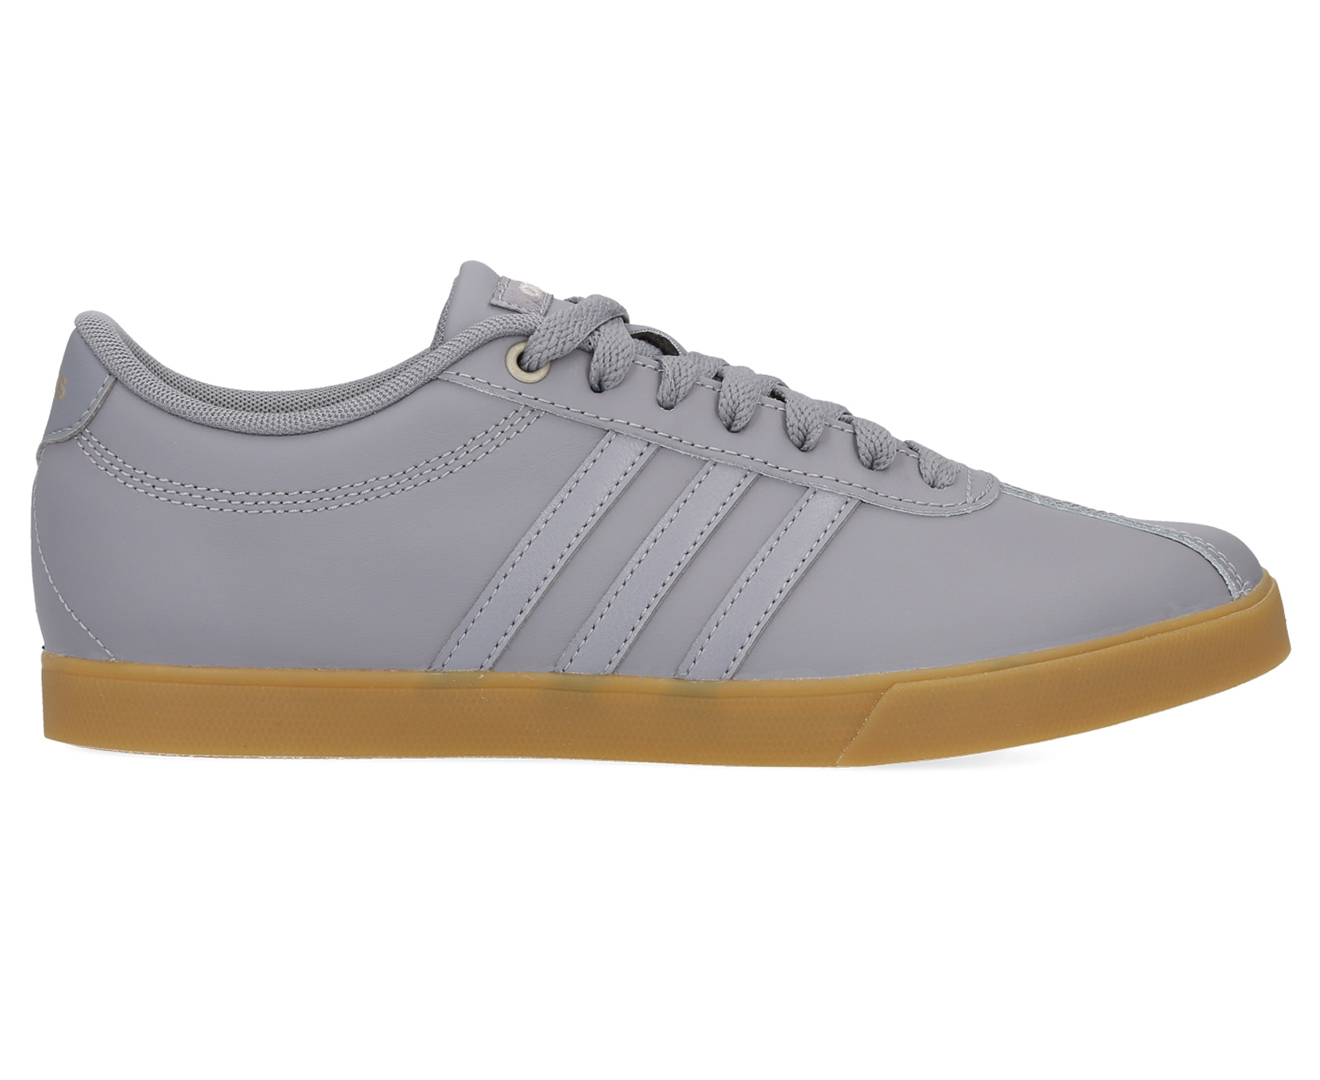 Adidas Women's Courtset Fashion Sneakers (10)